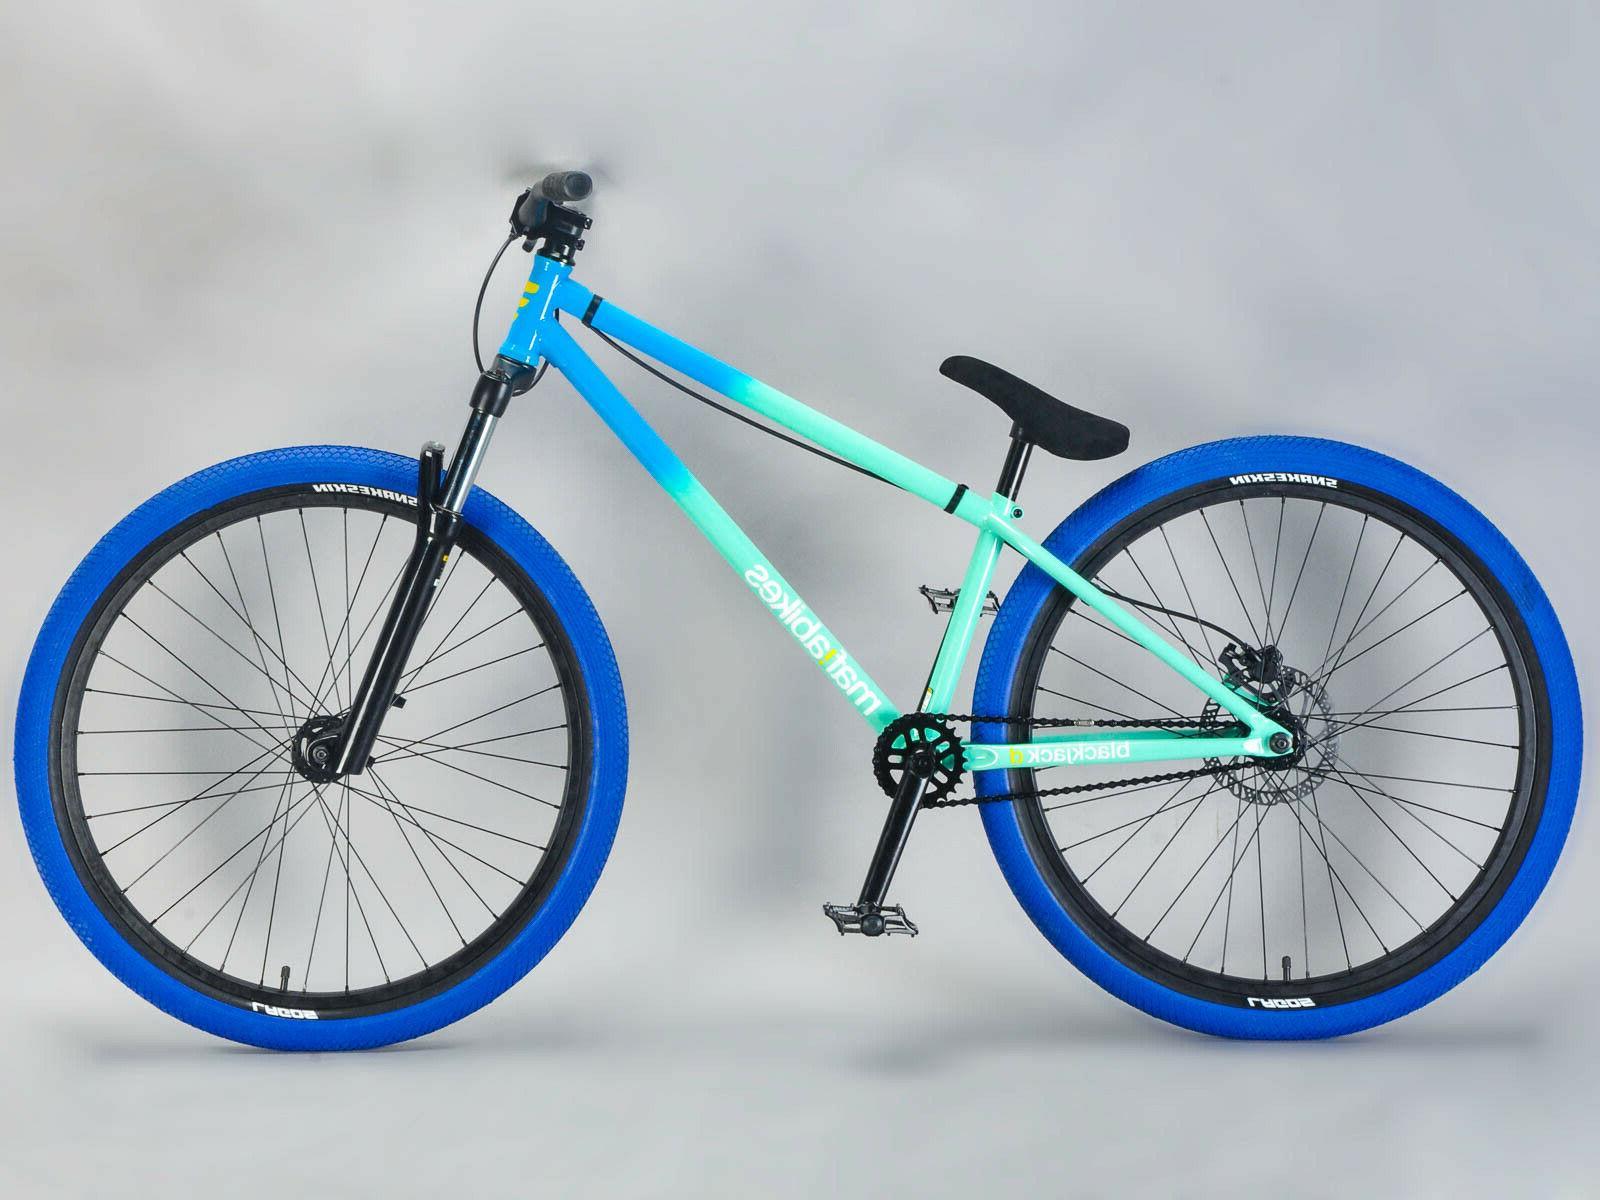 blackjack d 26 inch dirt wheelie bike